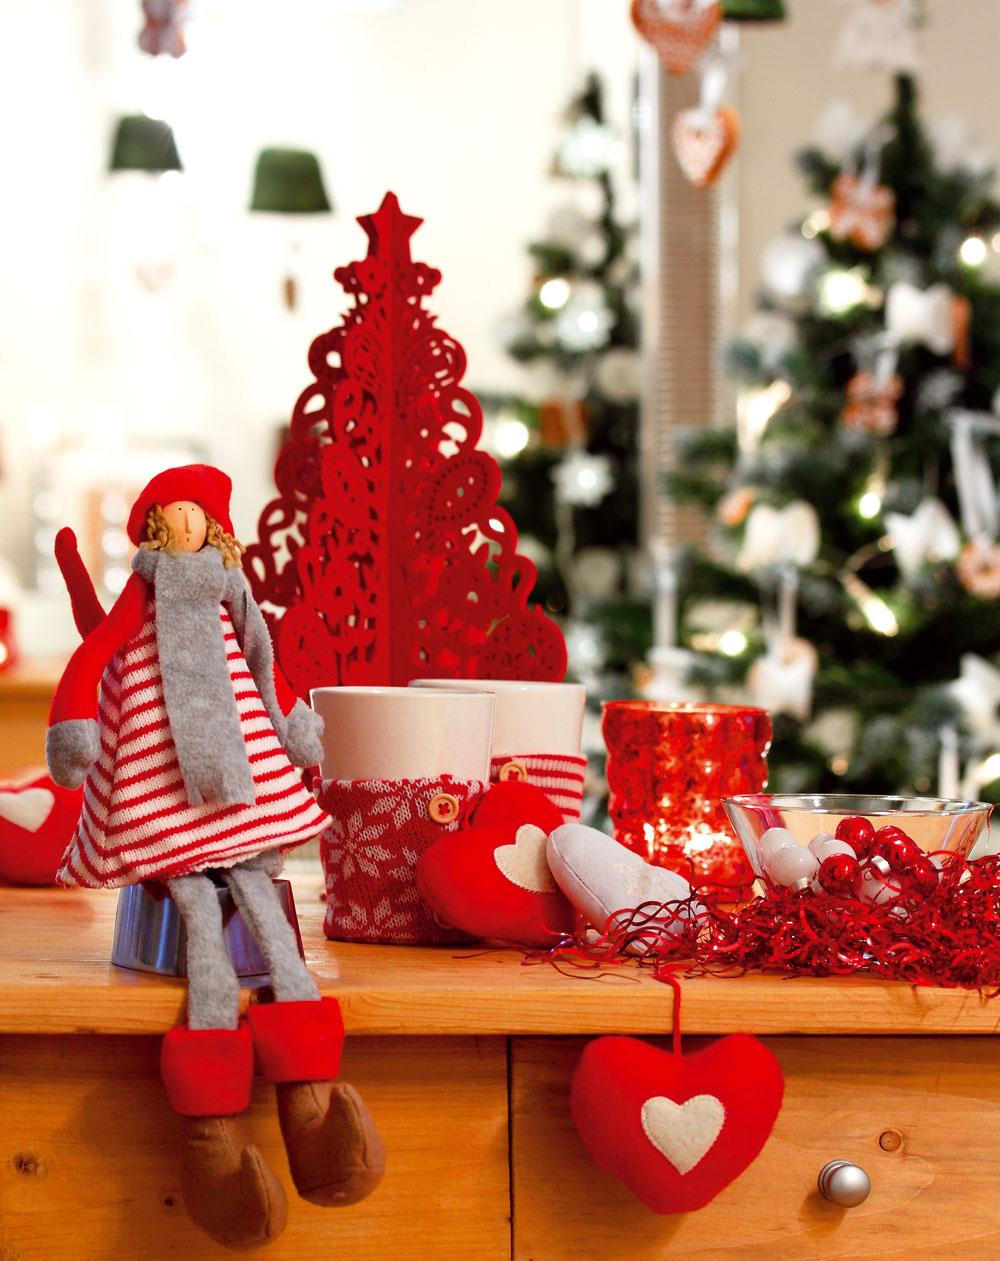 Sediaci anjel Tommy od firmy Sia, 44 cm, cena 29 €. Hrnčeky Knitted vpletenom kabáte, 12 cm, cena 25 €/2 ks. Červený svietnik Chalice, cena 14,90 €/2 ks. Predáva Design House. Pletené srdiečka Yrsnö, 9 cm, cena 3,99 €/4 ks. Skladací červený stromček zplsti, 36 cm, cena 5,99 €. Sklenené, ručne fúkané gule, 2 cm, cena 1,99 €/12 ks. Predáva IKEA.